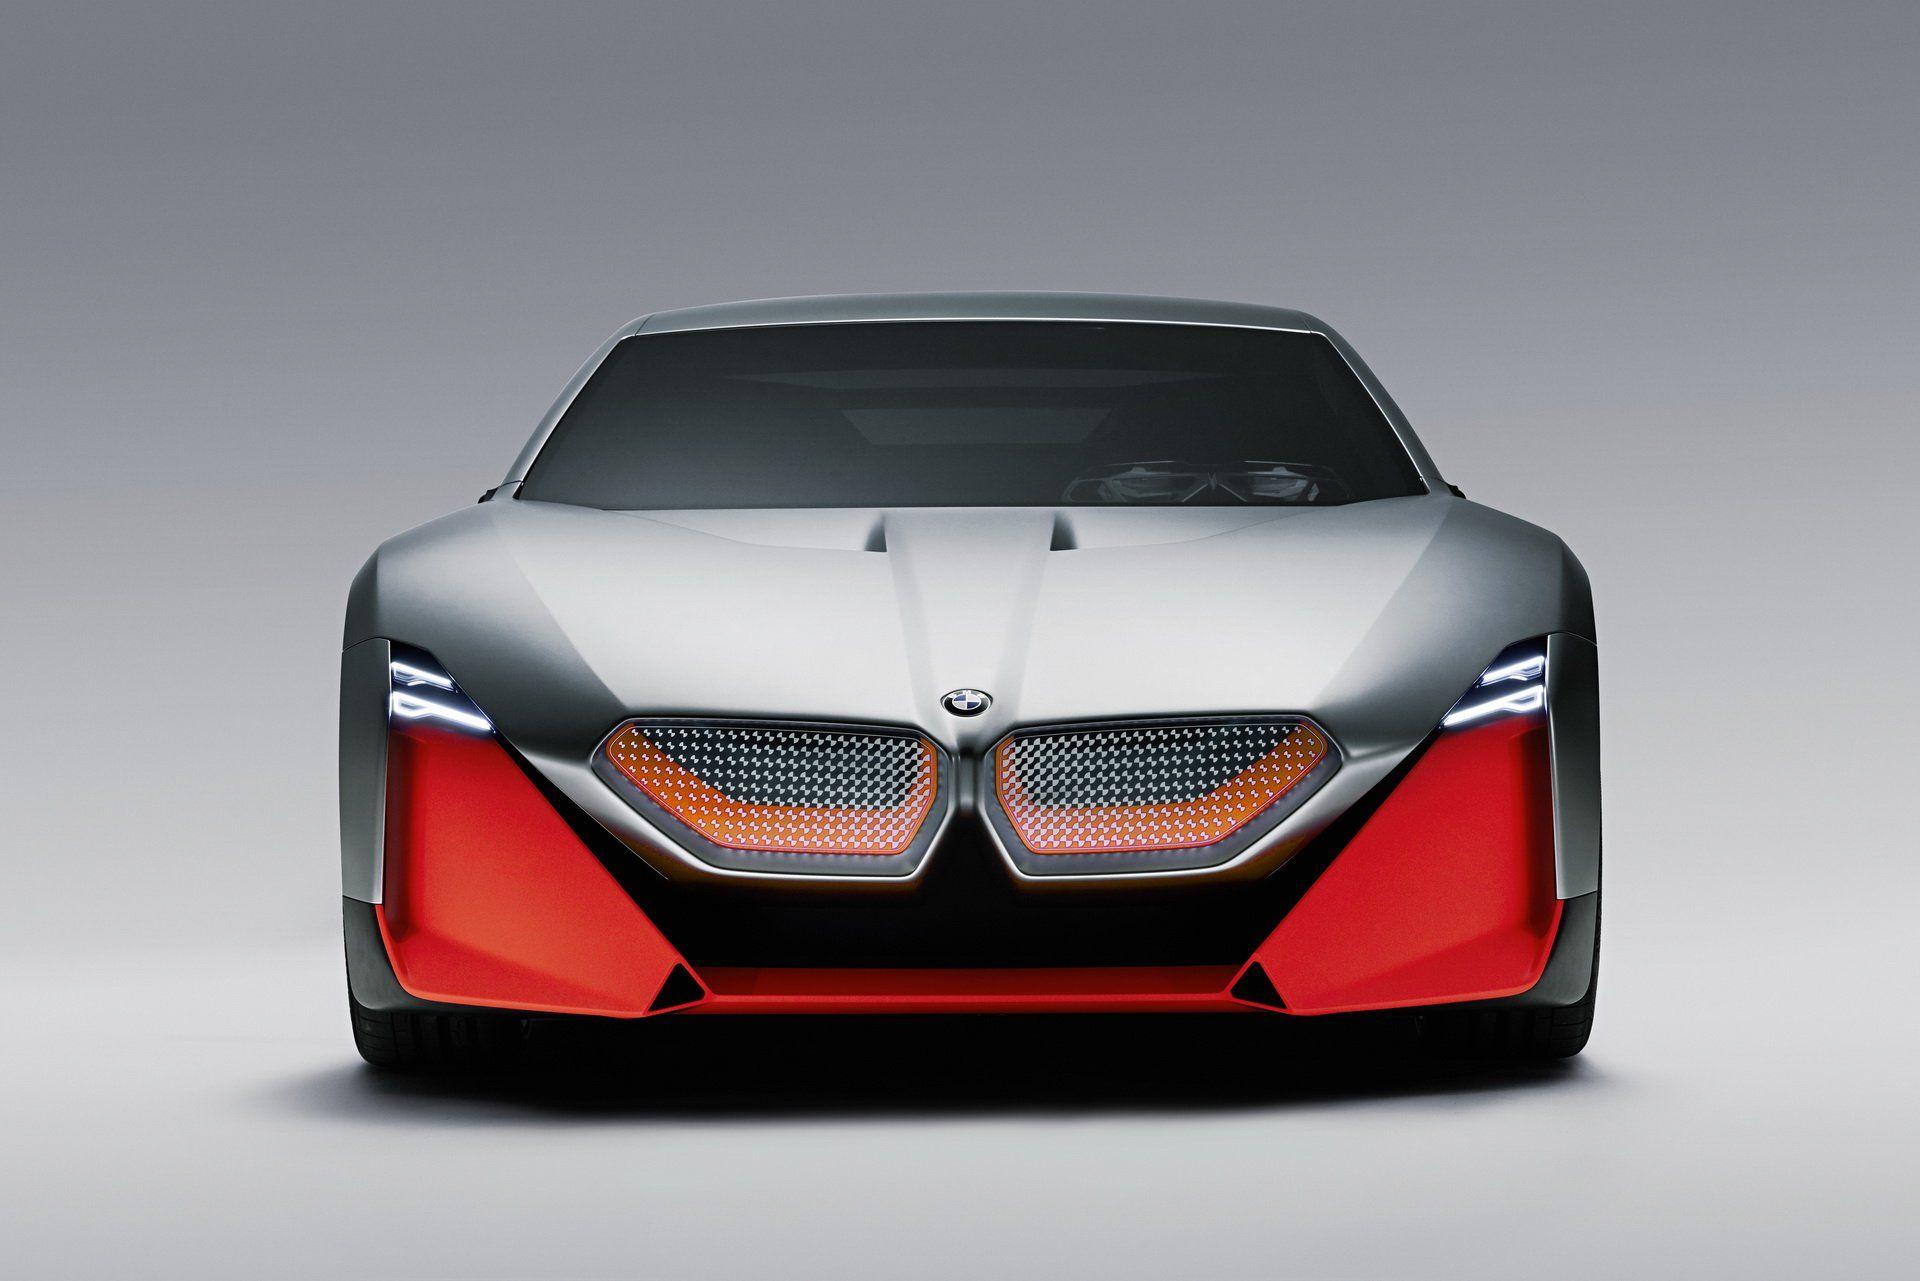 Баварці показали майбутнє своїх спорткарів на прикладі концепта BMW Vision M Next (фото, відео)